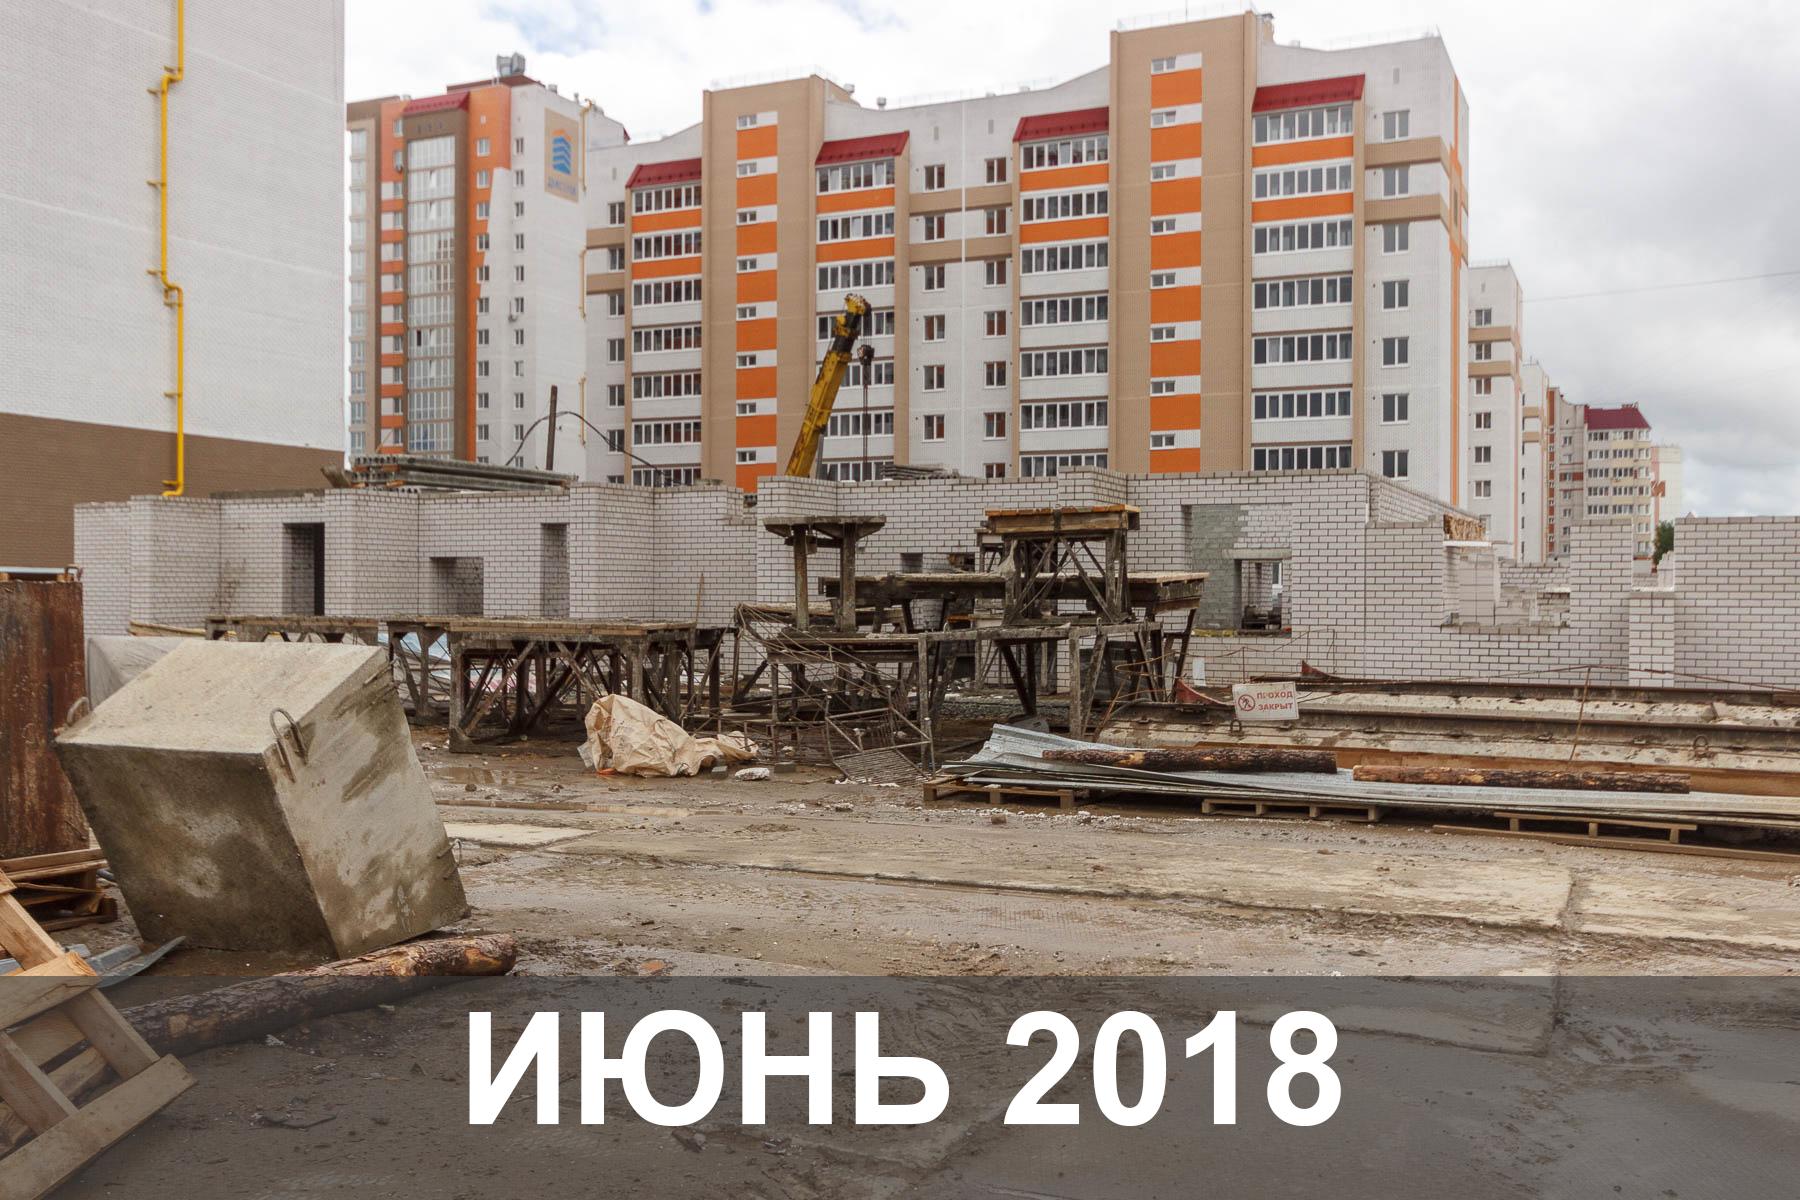 Июнь 2018